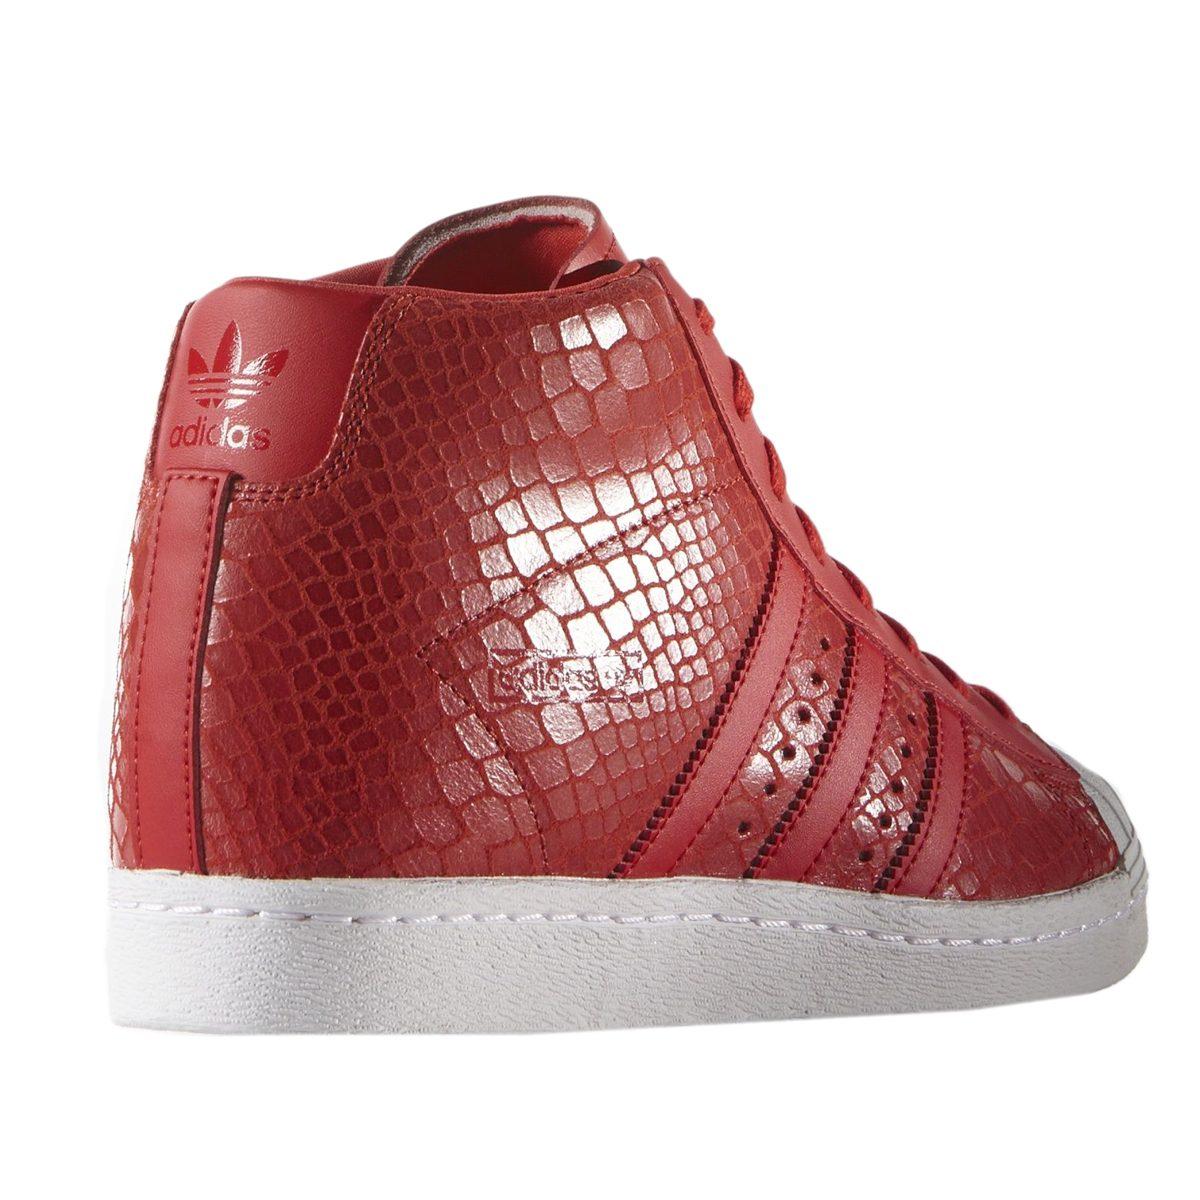 botas adidas original superstar up w sportline. Cargando zoom. b972a0faf8d97